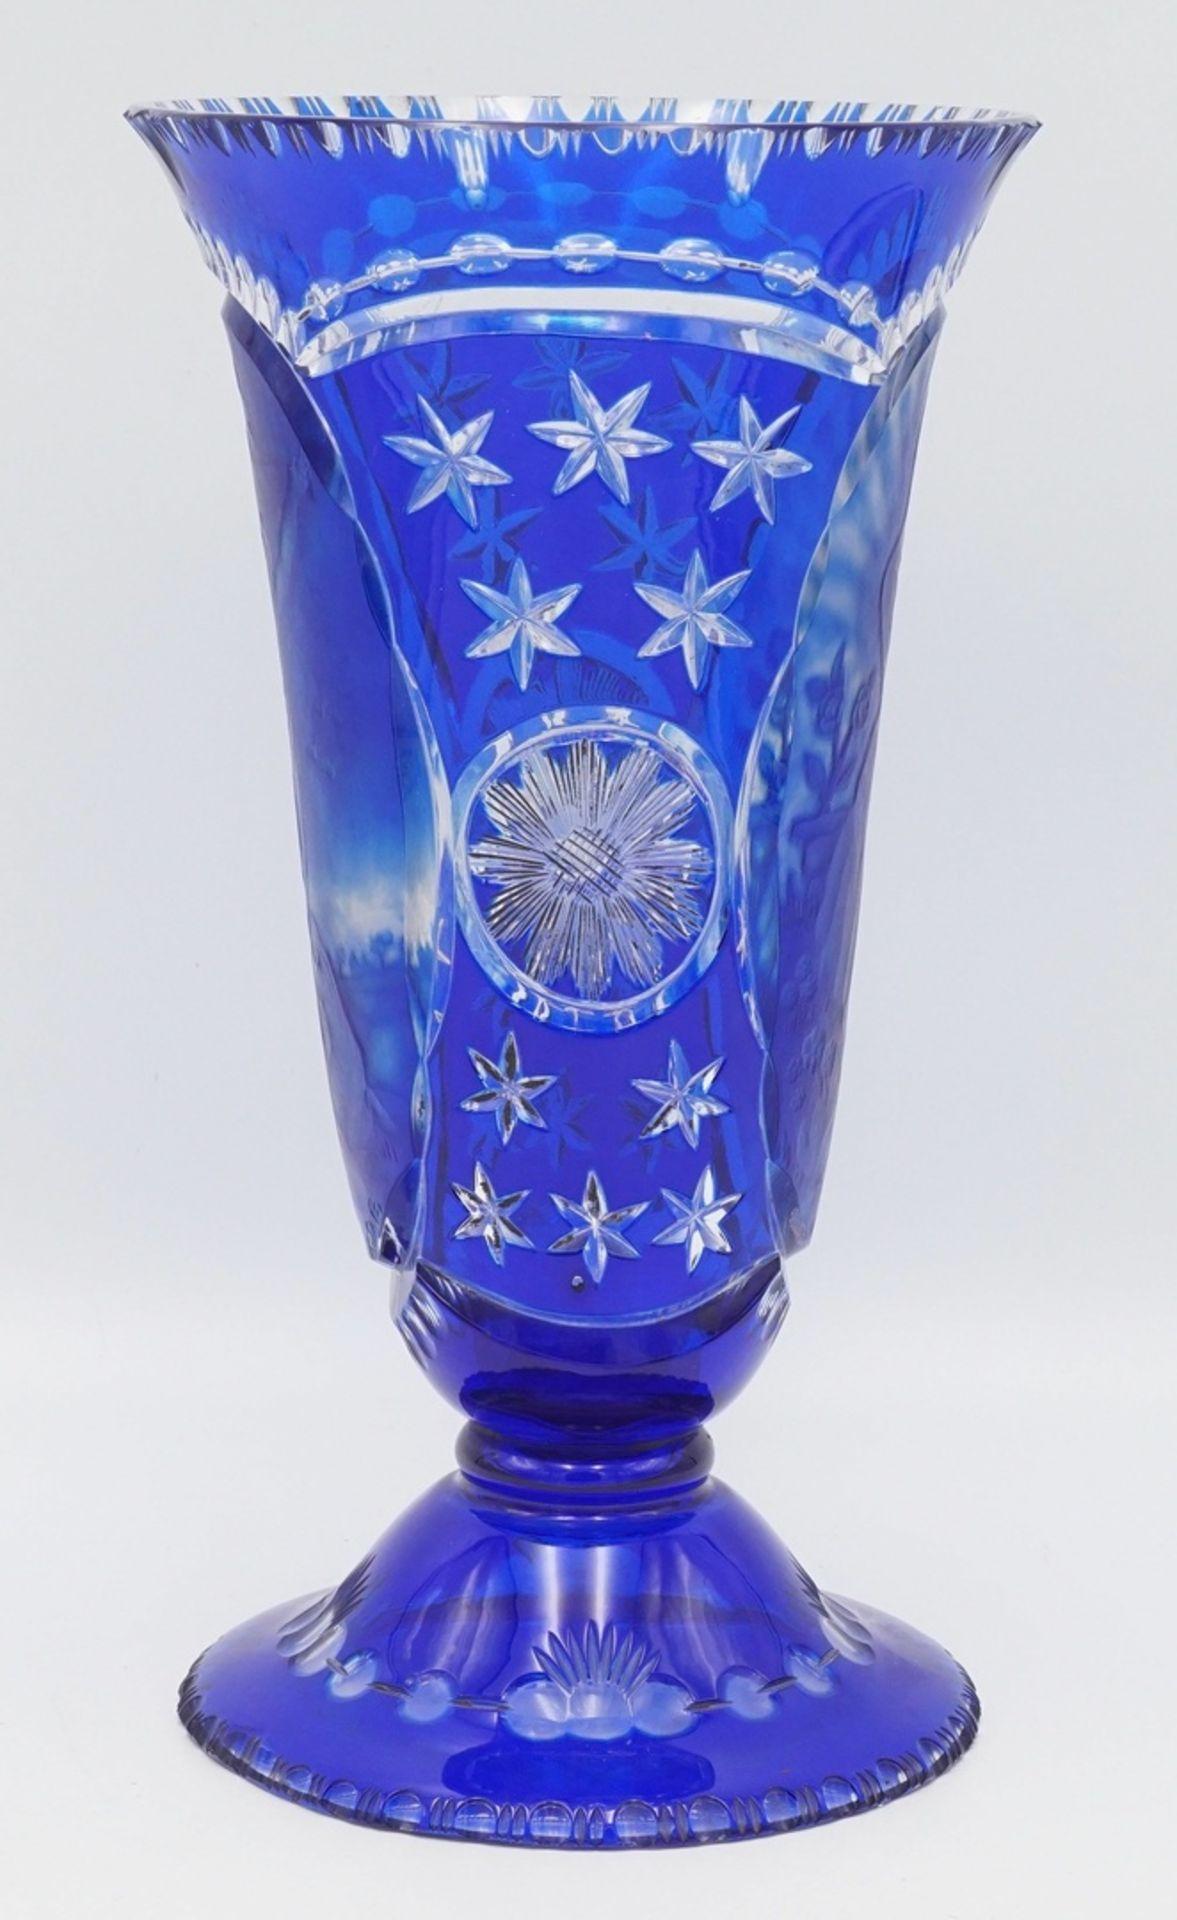 Vase mit religiösen Darstellungen - Bild 3 aus 4